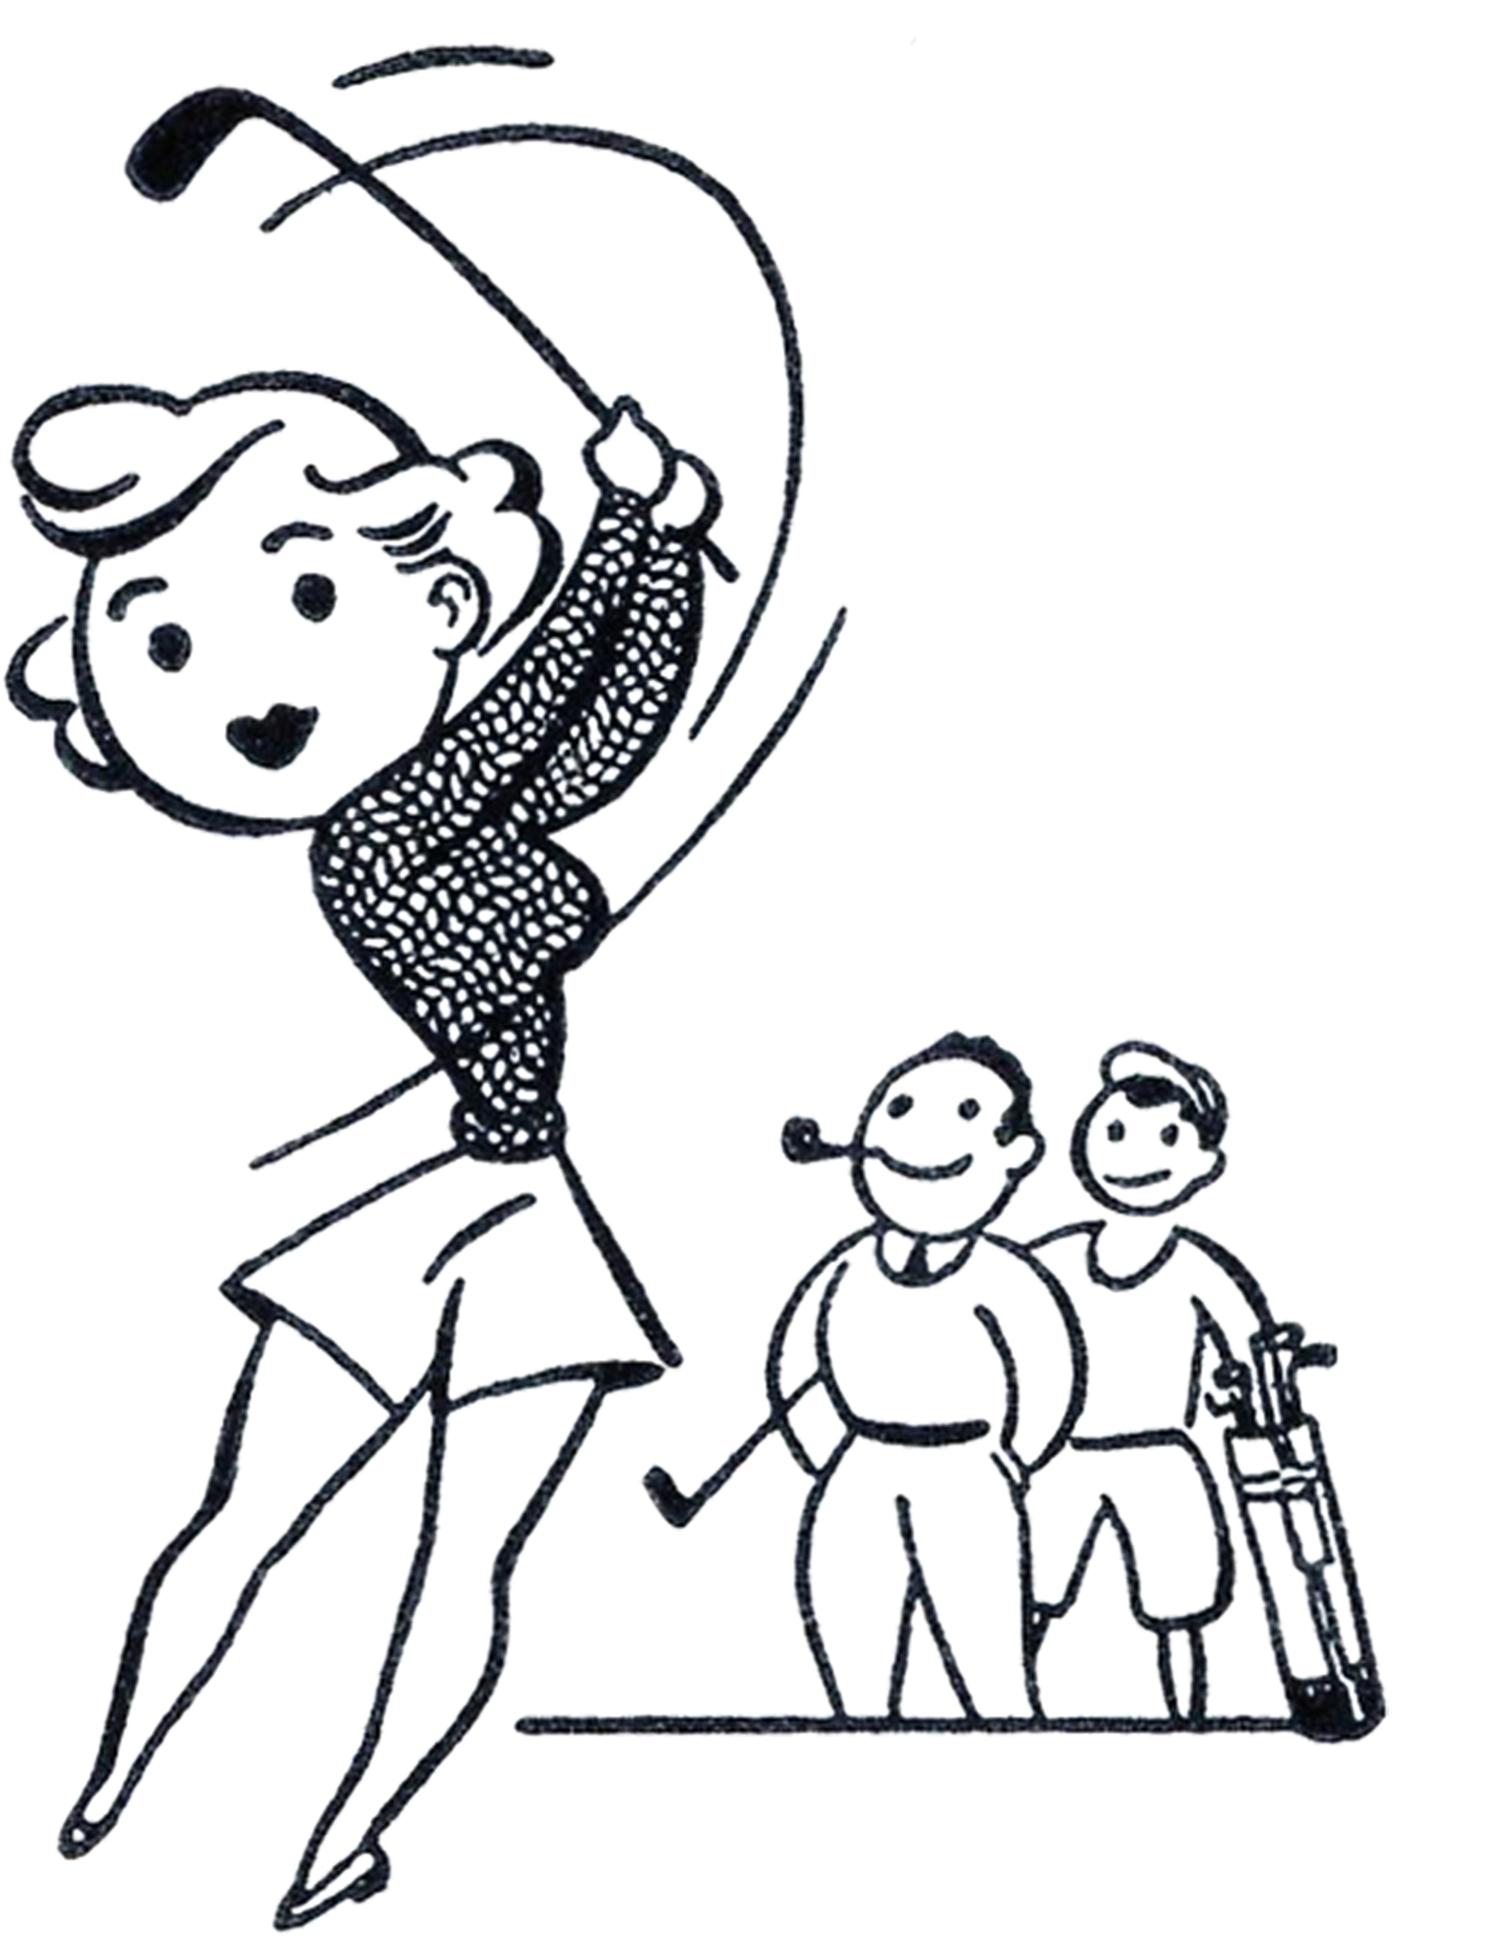 1500x1953 Female Golfer Silhouette Stock Illustrations 185 Female Golfer